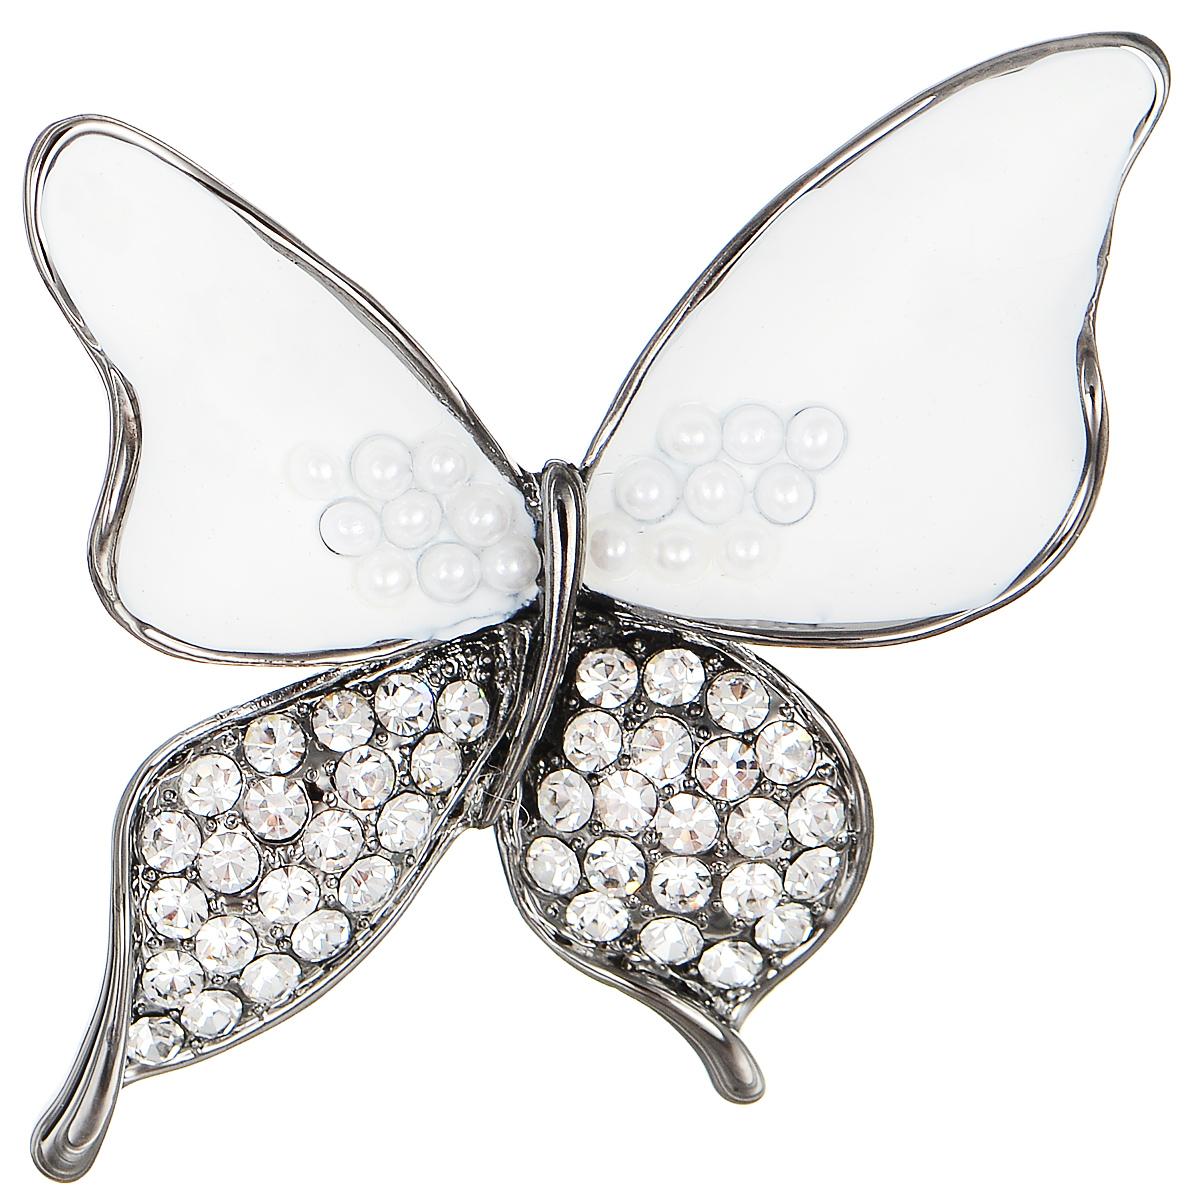 Брошь Selena Street Fashion, цвет: антрацитовый, белый. 3002658030026580Оригинальная брошь Selena Street Fashion выполнена из металла с родиевым покрытием в виде бабочки. Брошь покрыта эмалью, украшена кристаллами Preciosa и мелкими бусинами. Изделие крепится с помощью замка-булавки. Такая брошь позволит вам с легкостью воплотить самую смелую фантазию и создать собственный неповторимый образ.